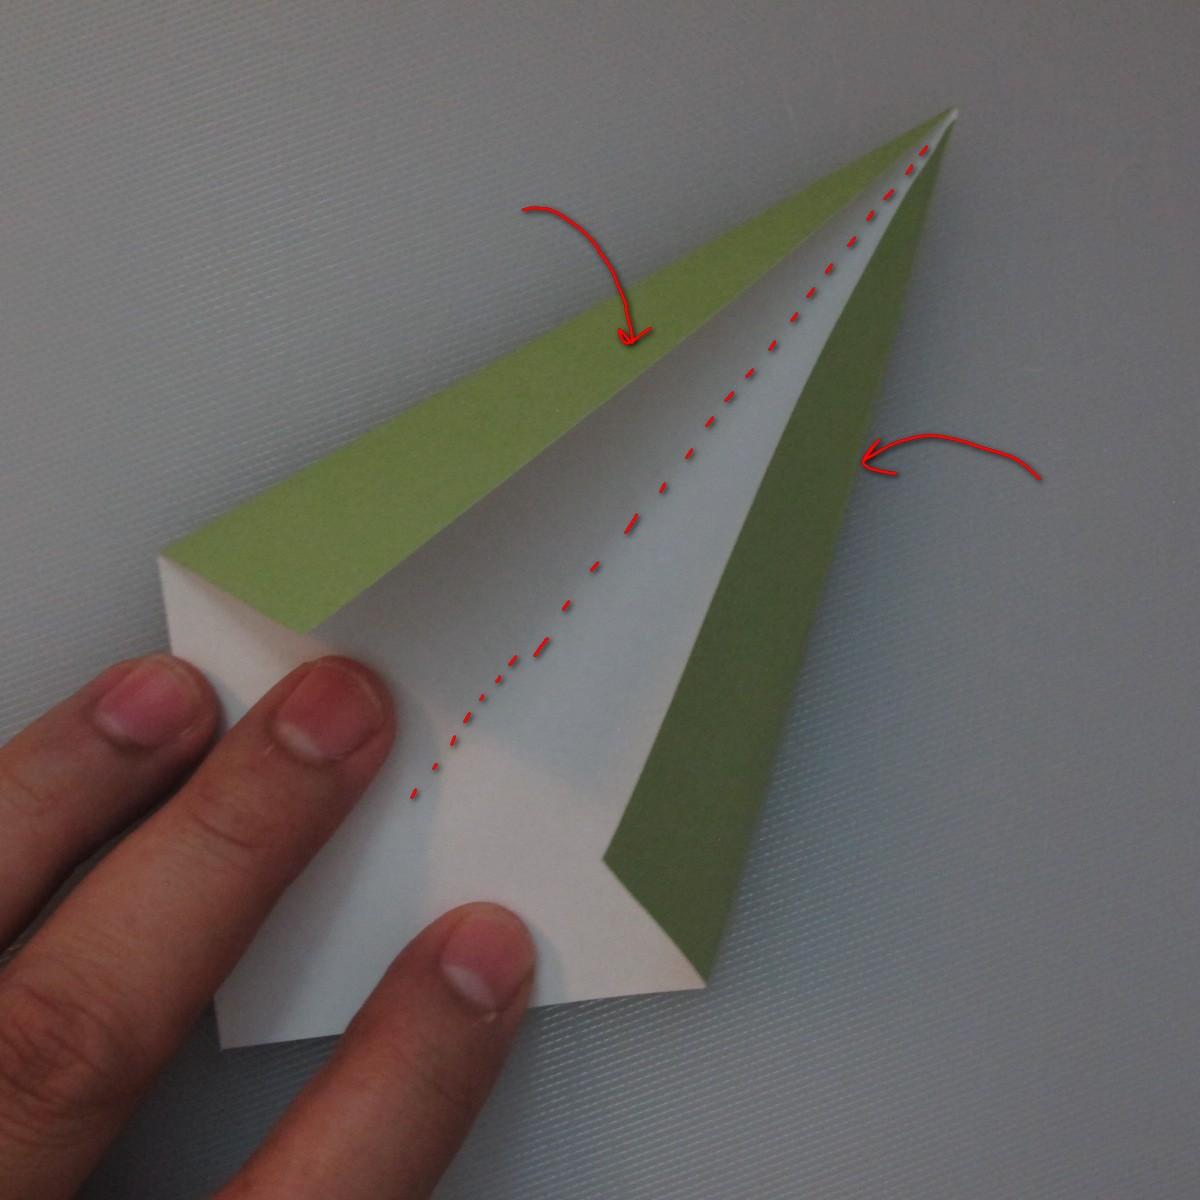 วิธีพับกระดาษเป็นดอกทิวลิป 021